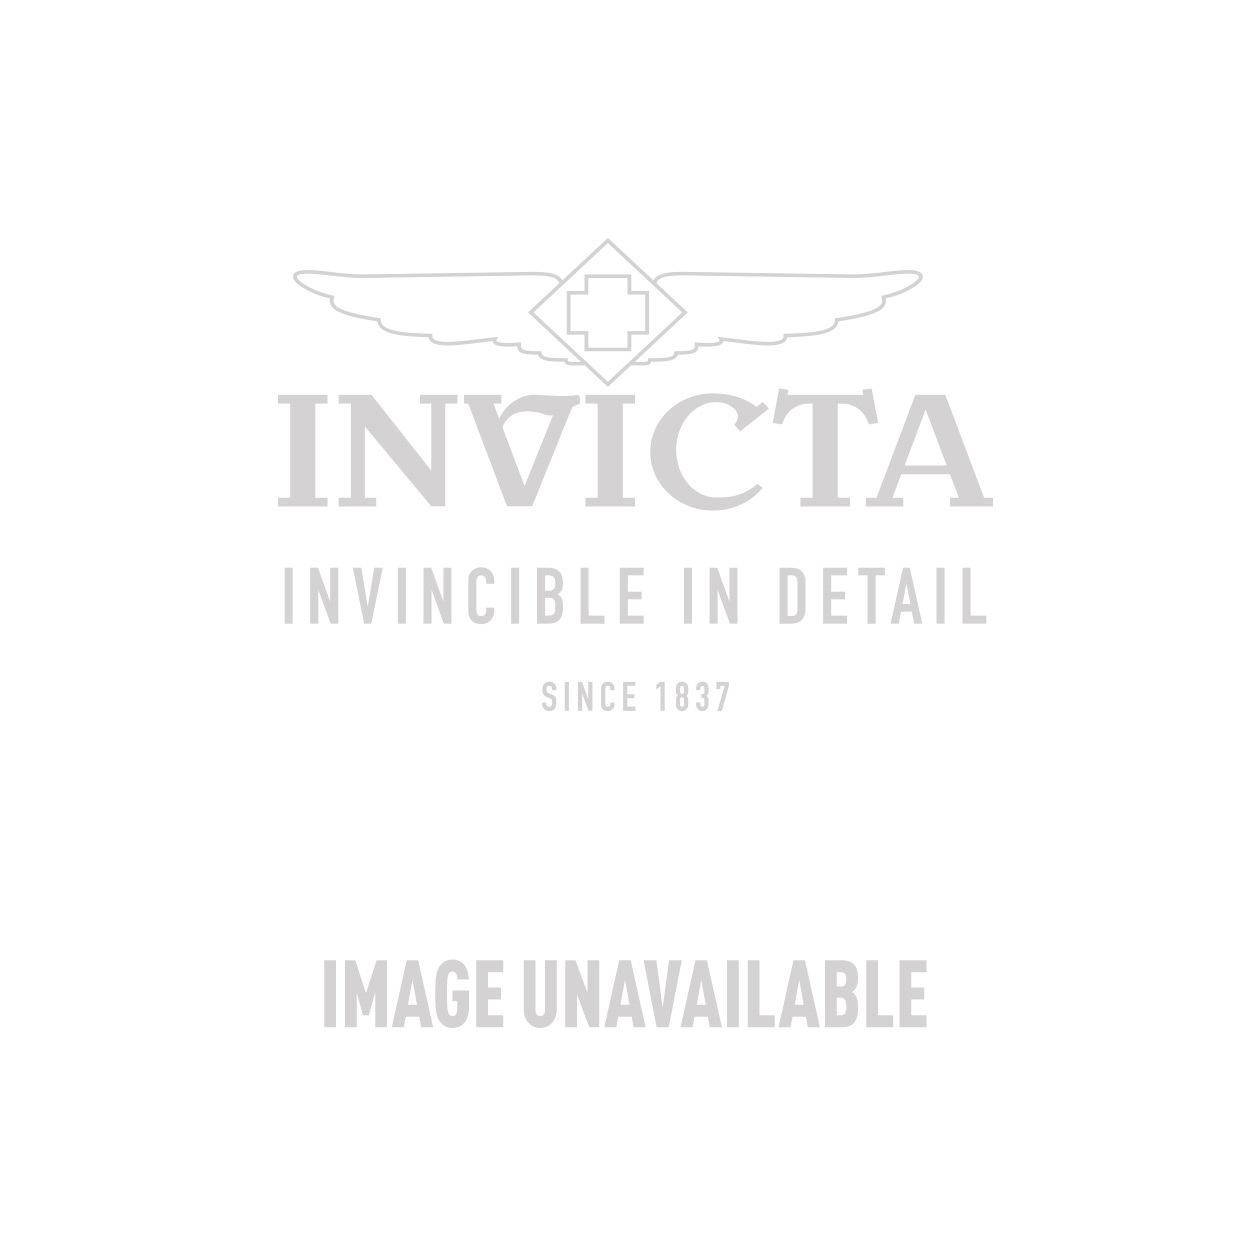 Invicta Model 24153